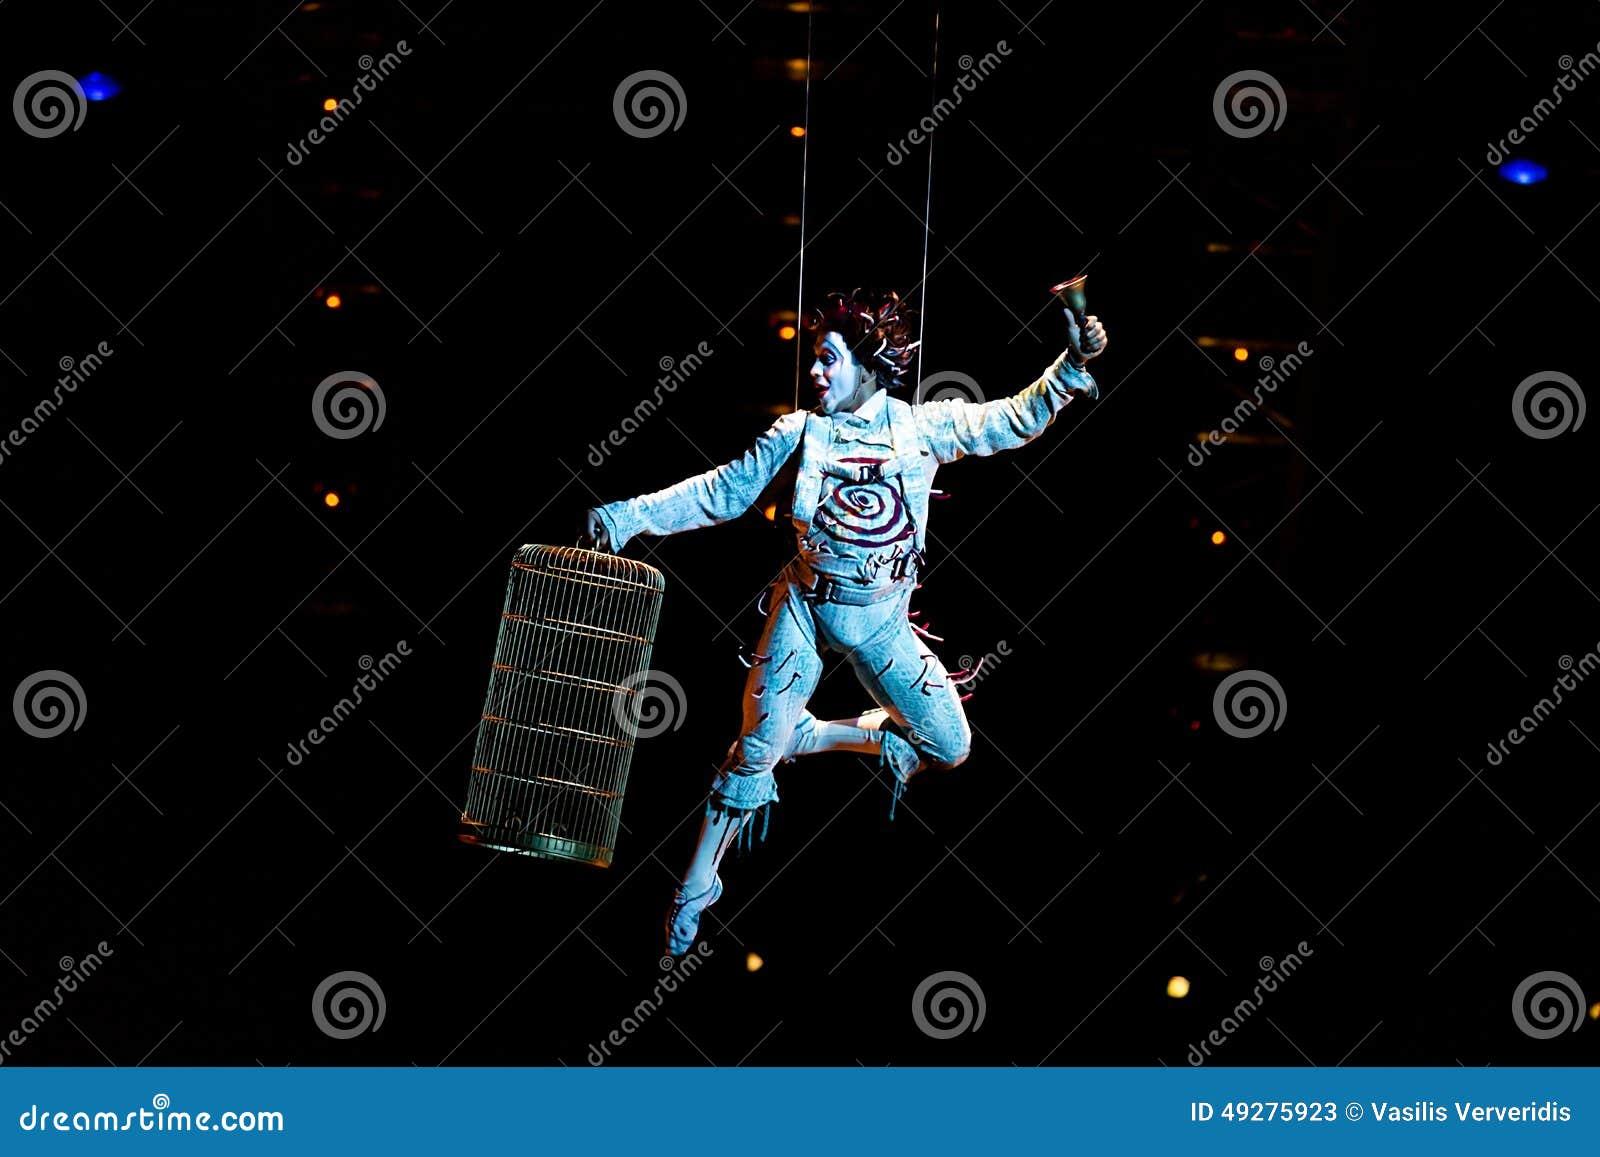 Salto della corda degli esecutori alla manifestazione  Quidam  di Cirque du Soleil